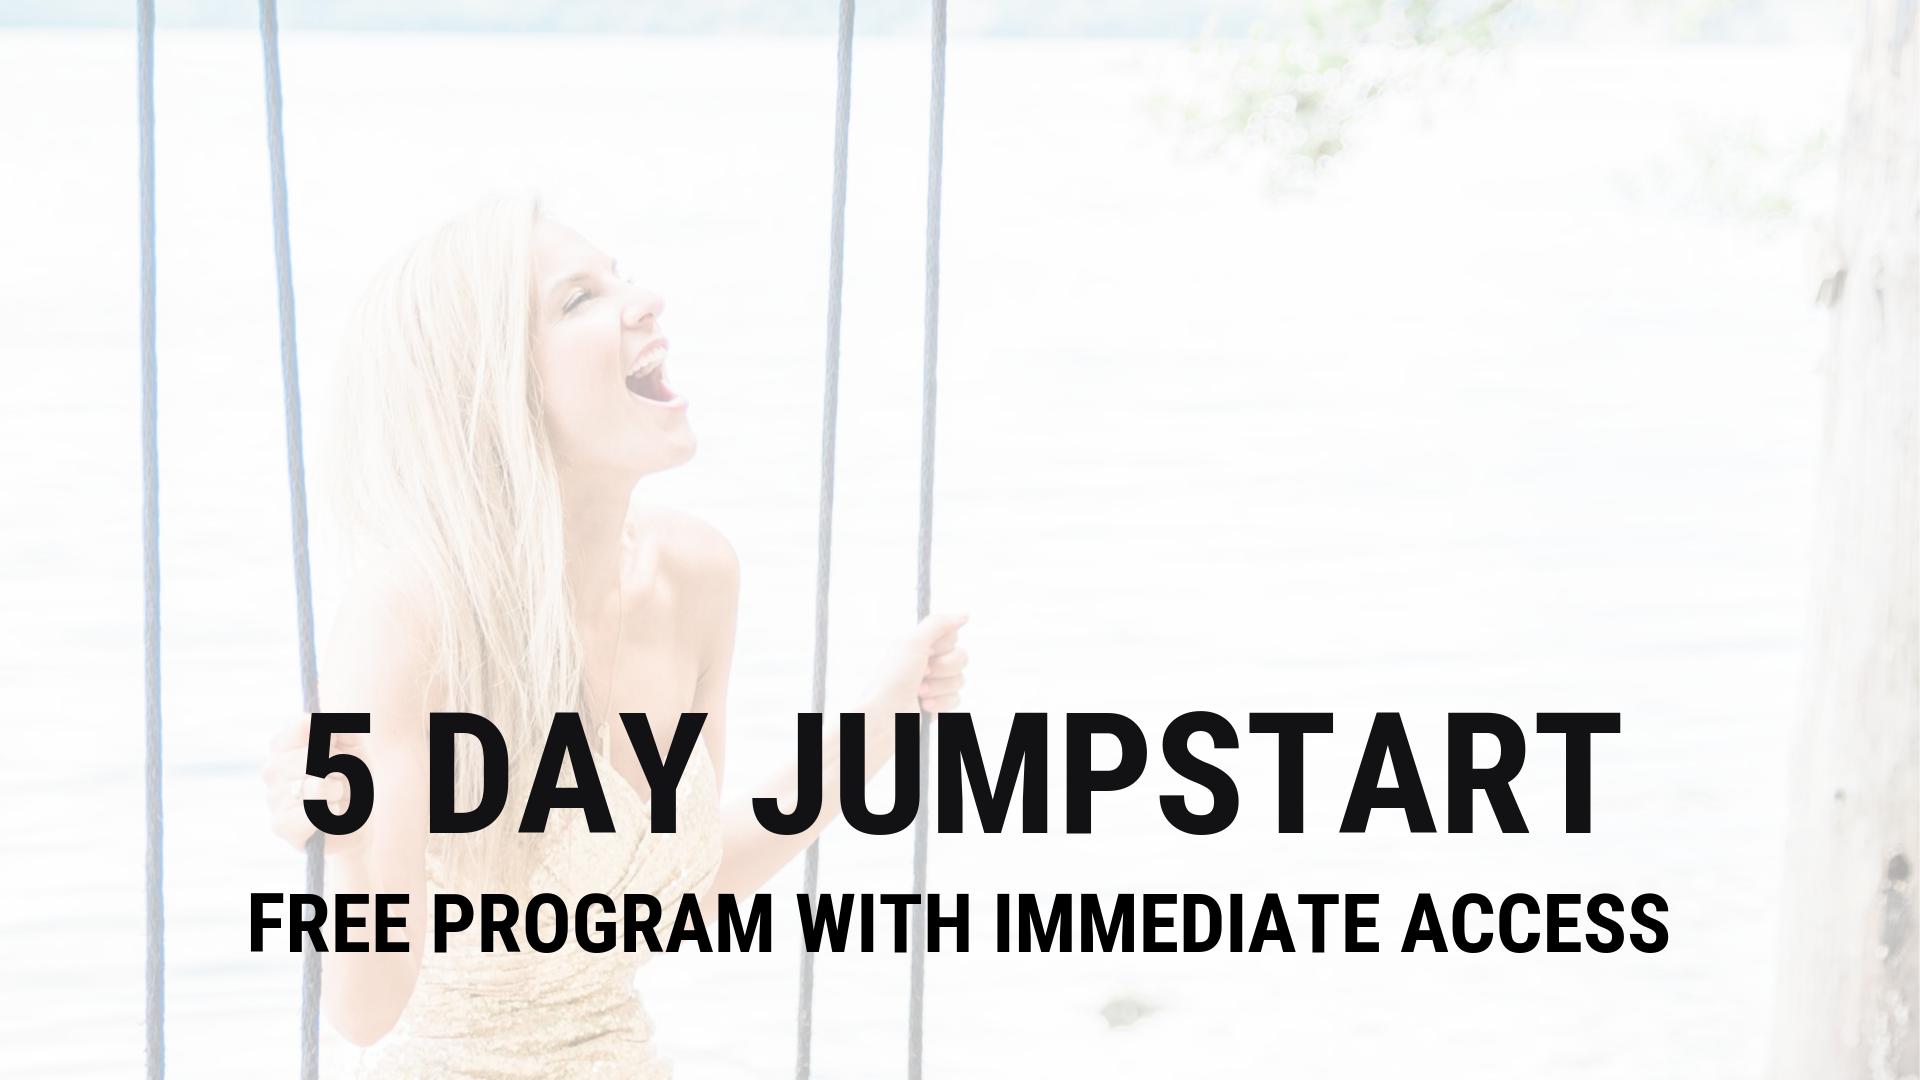 5 DAY JUMPSTART